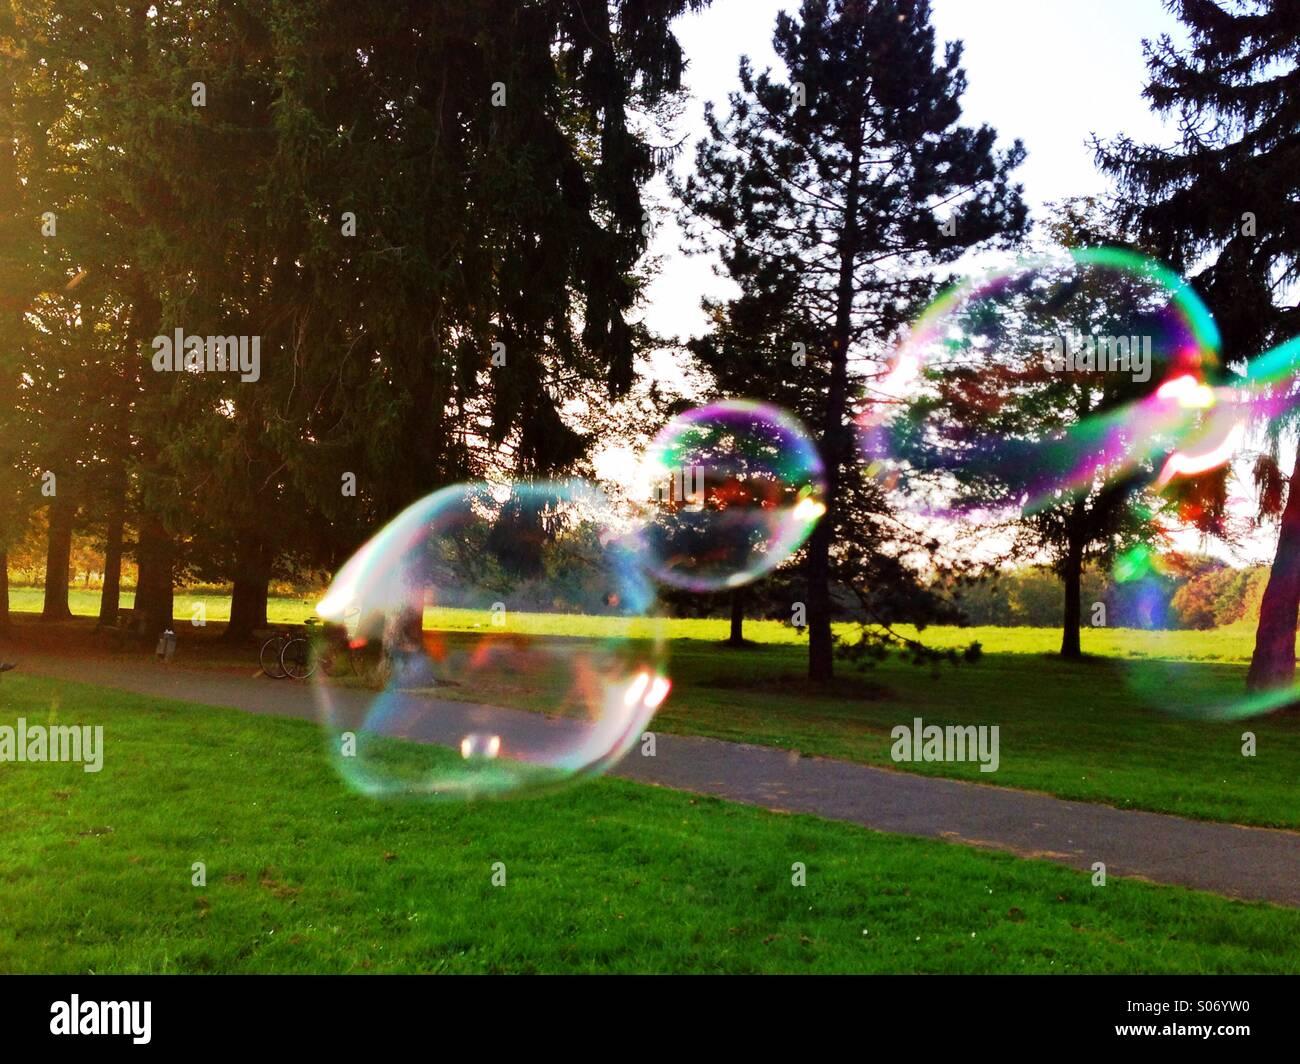 fliegende Seifenblasen - Stock Image